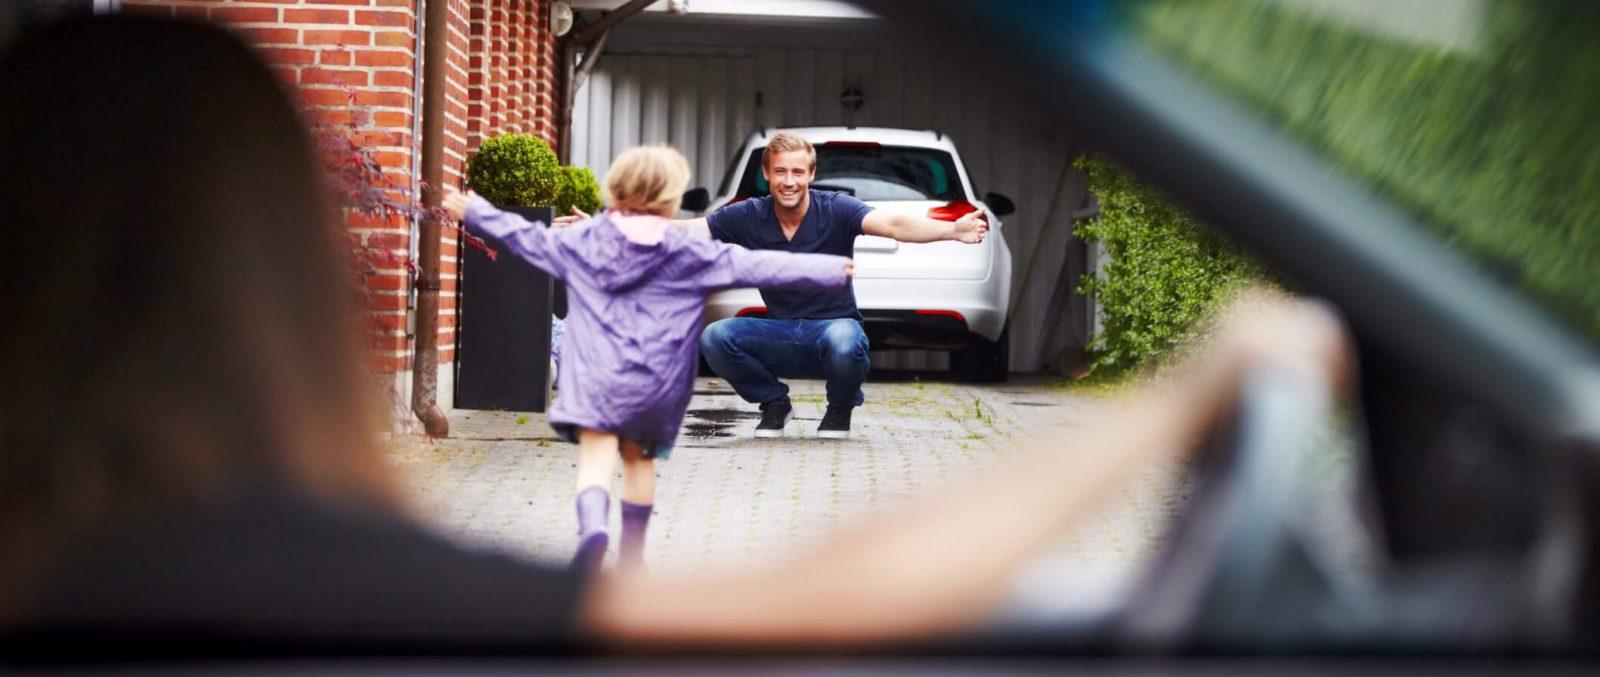 Рассмотрение споров о месте проживания детей после развода